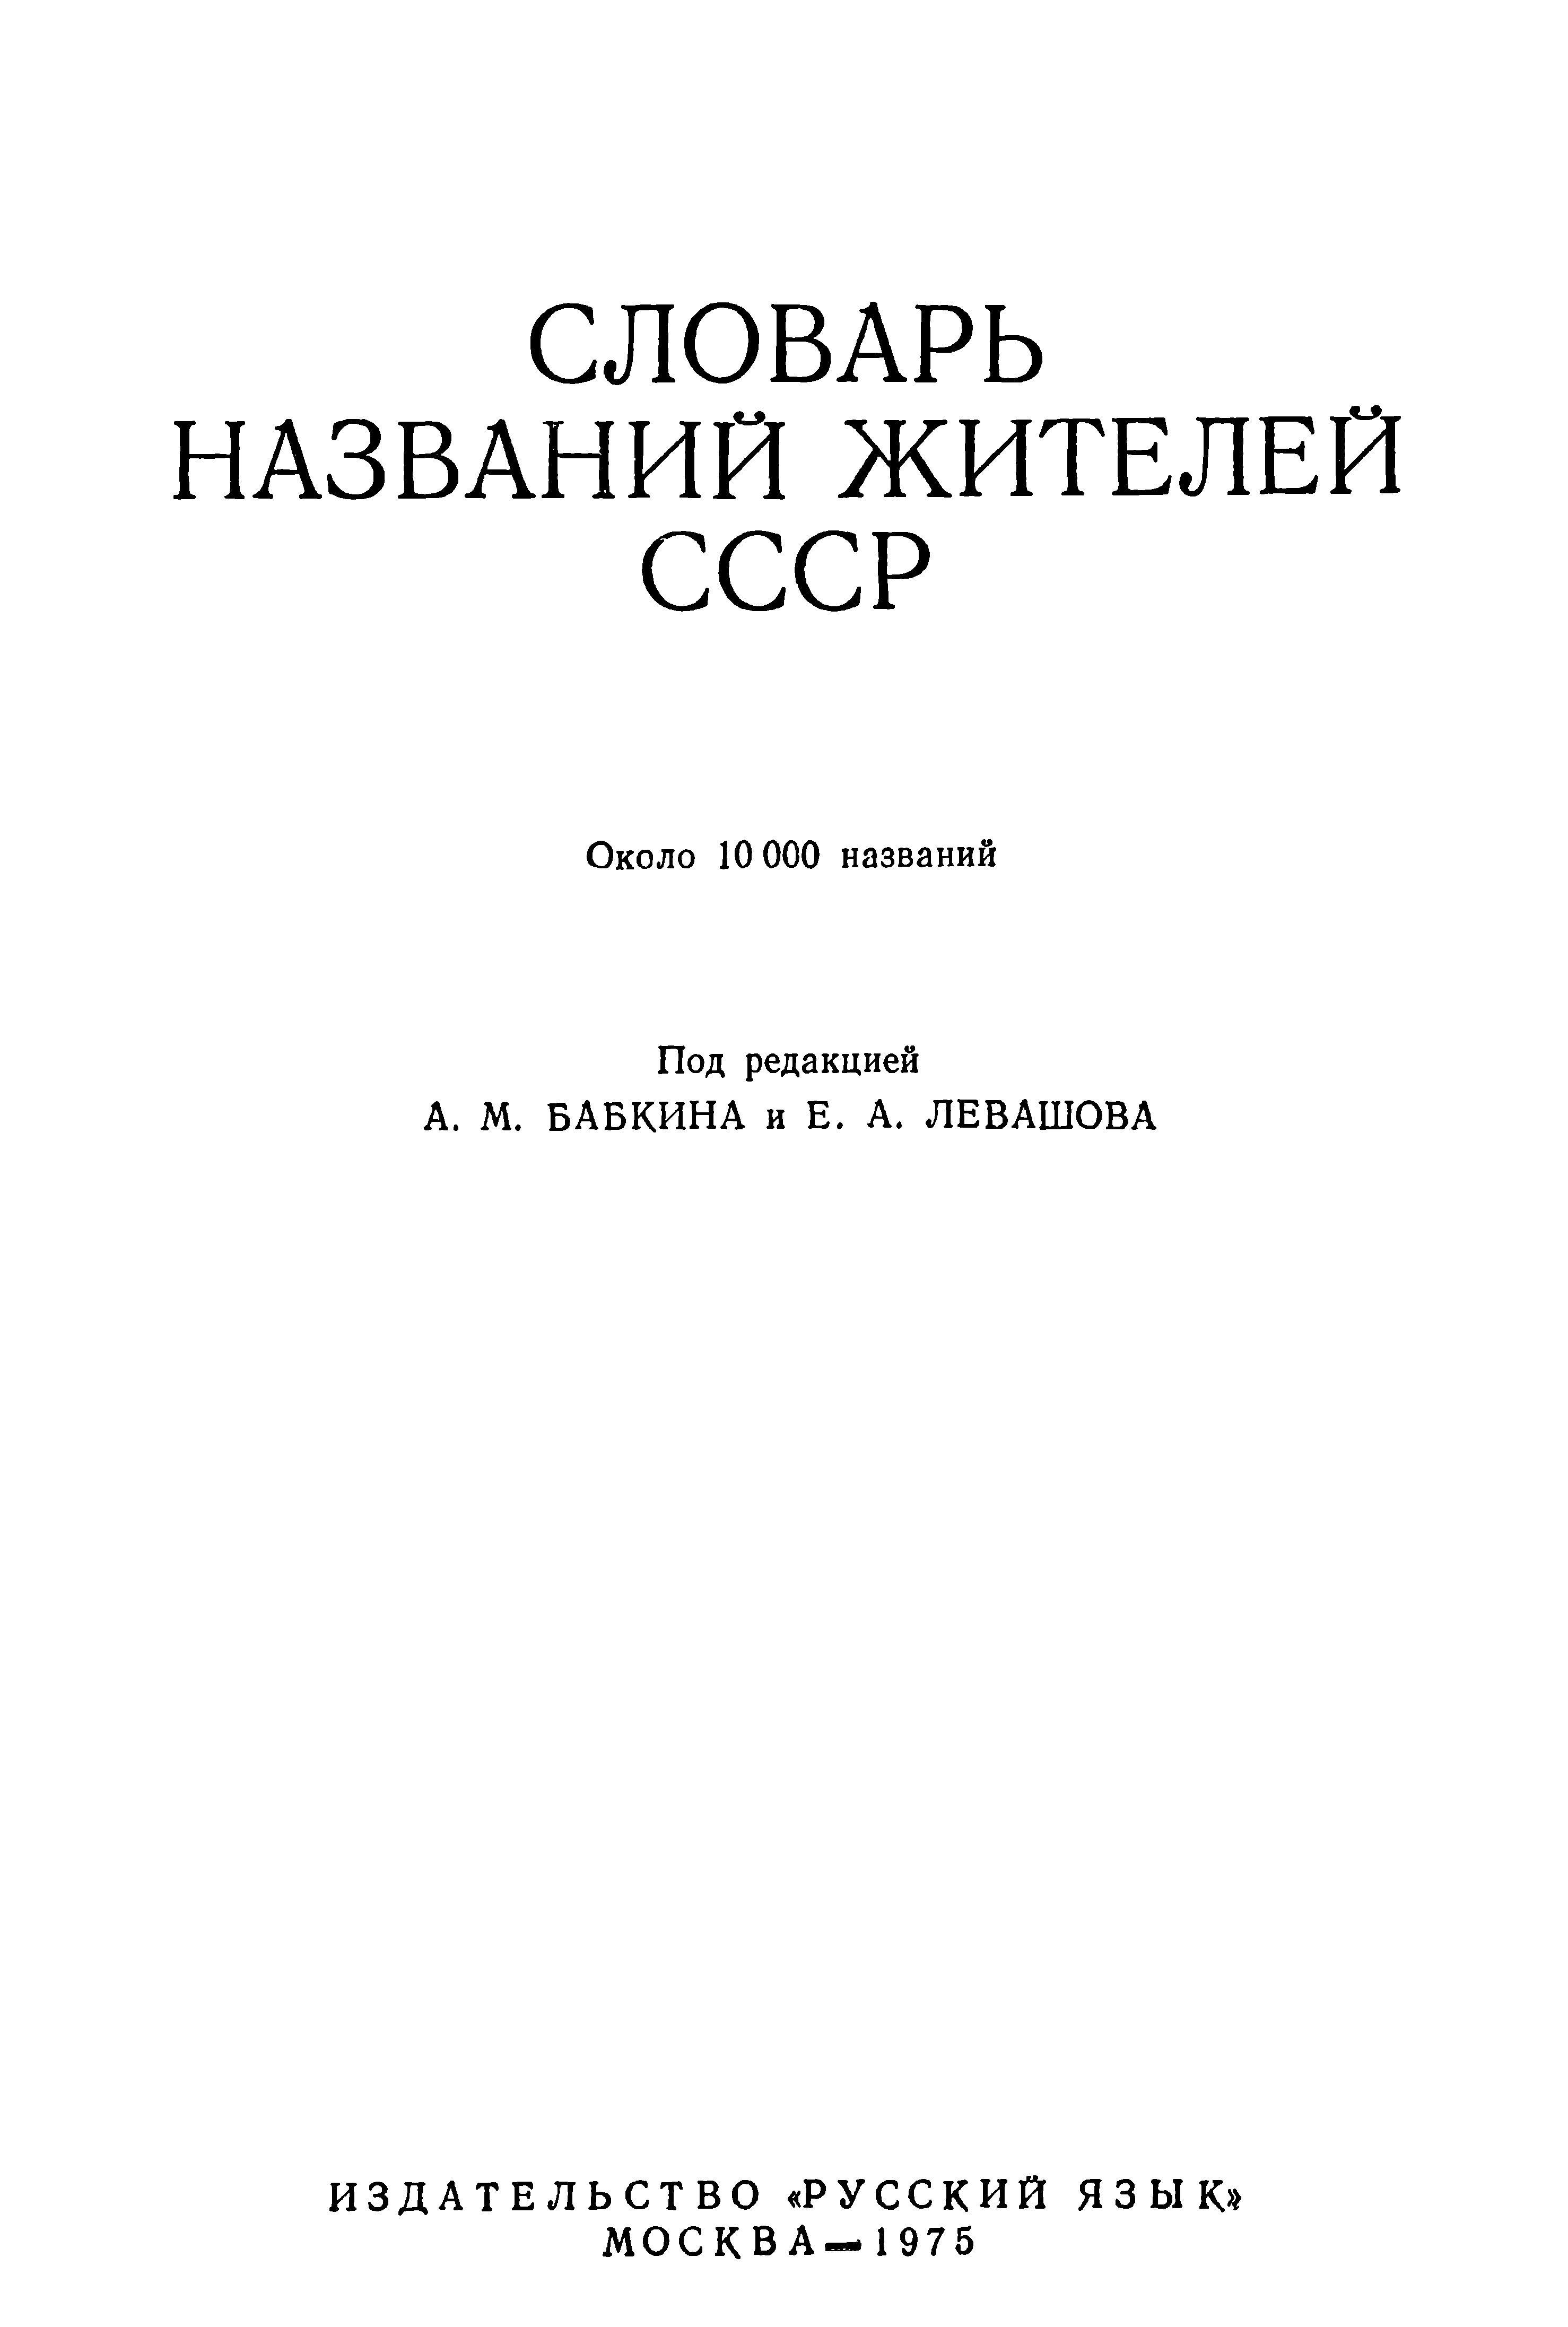 толковый словарь языка совдепии в pdf